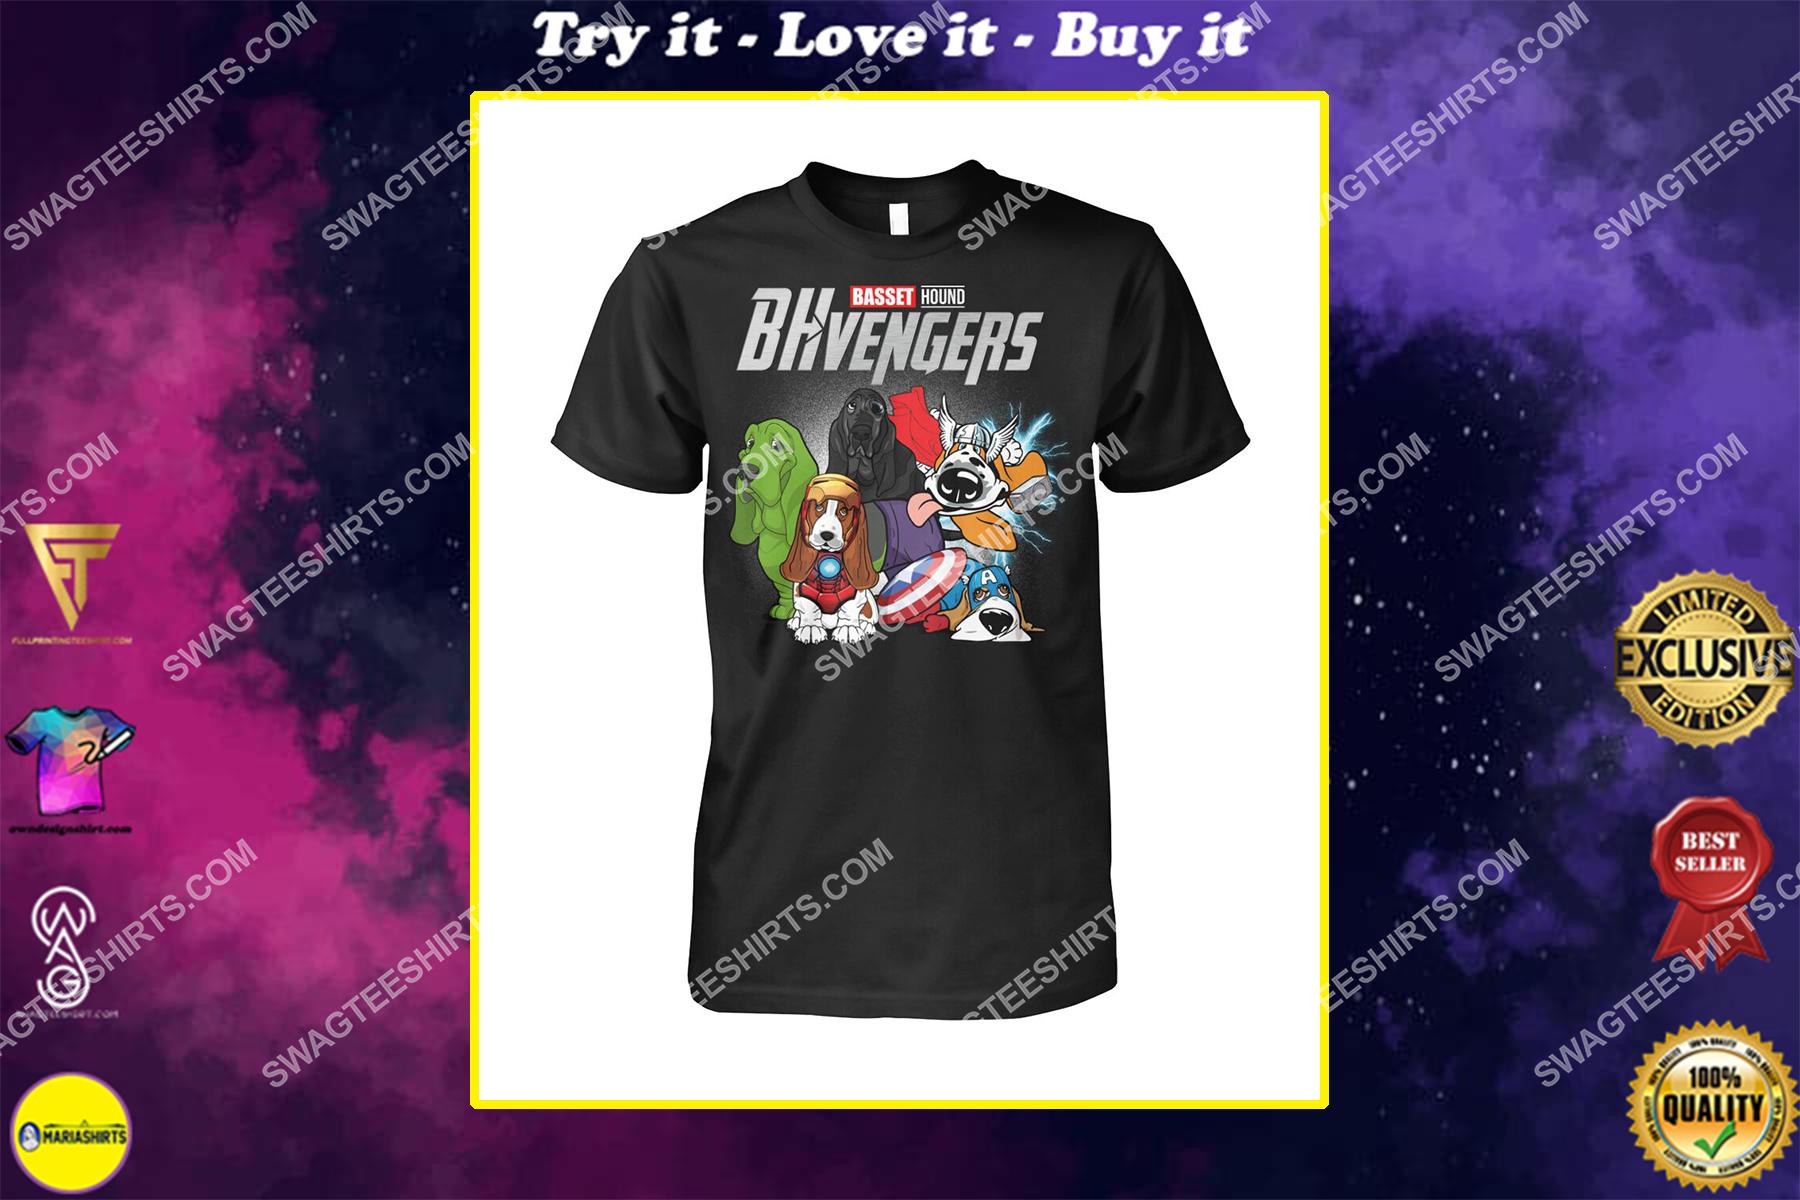 basset hound bhvengers marvel avengers dogs lover shirt